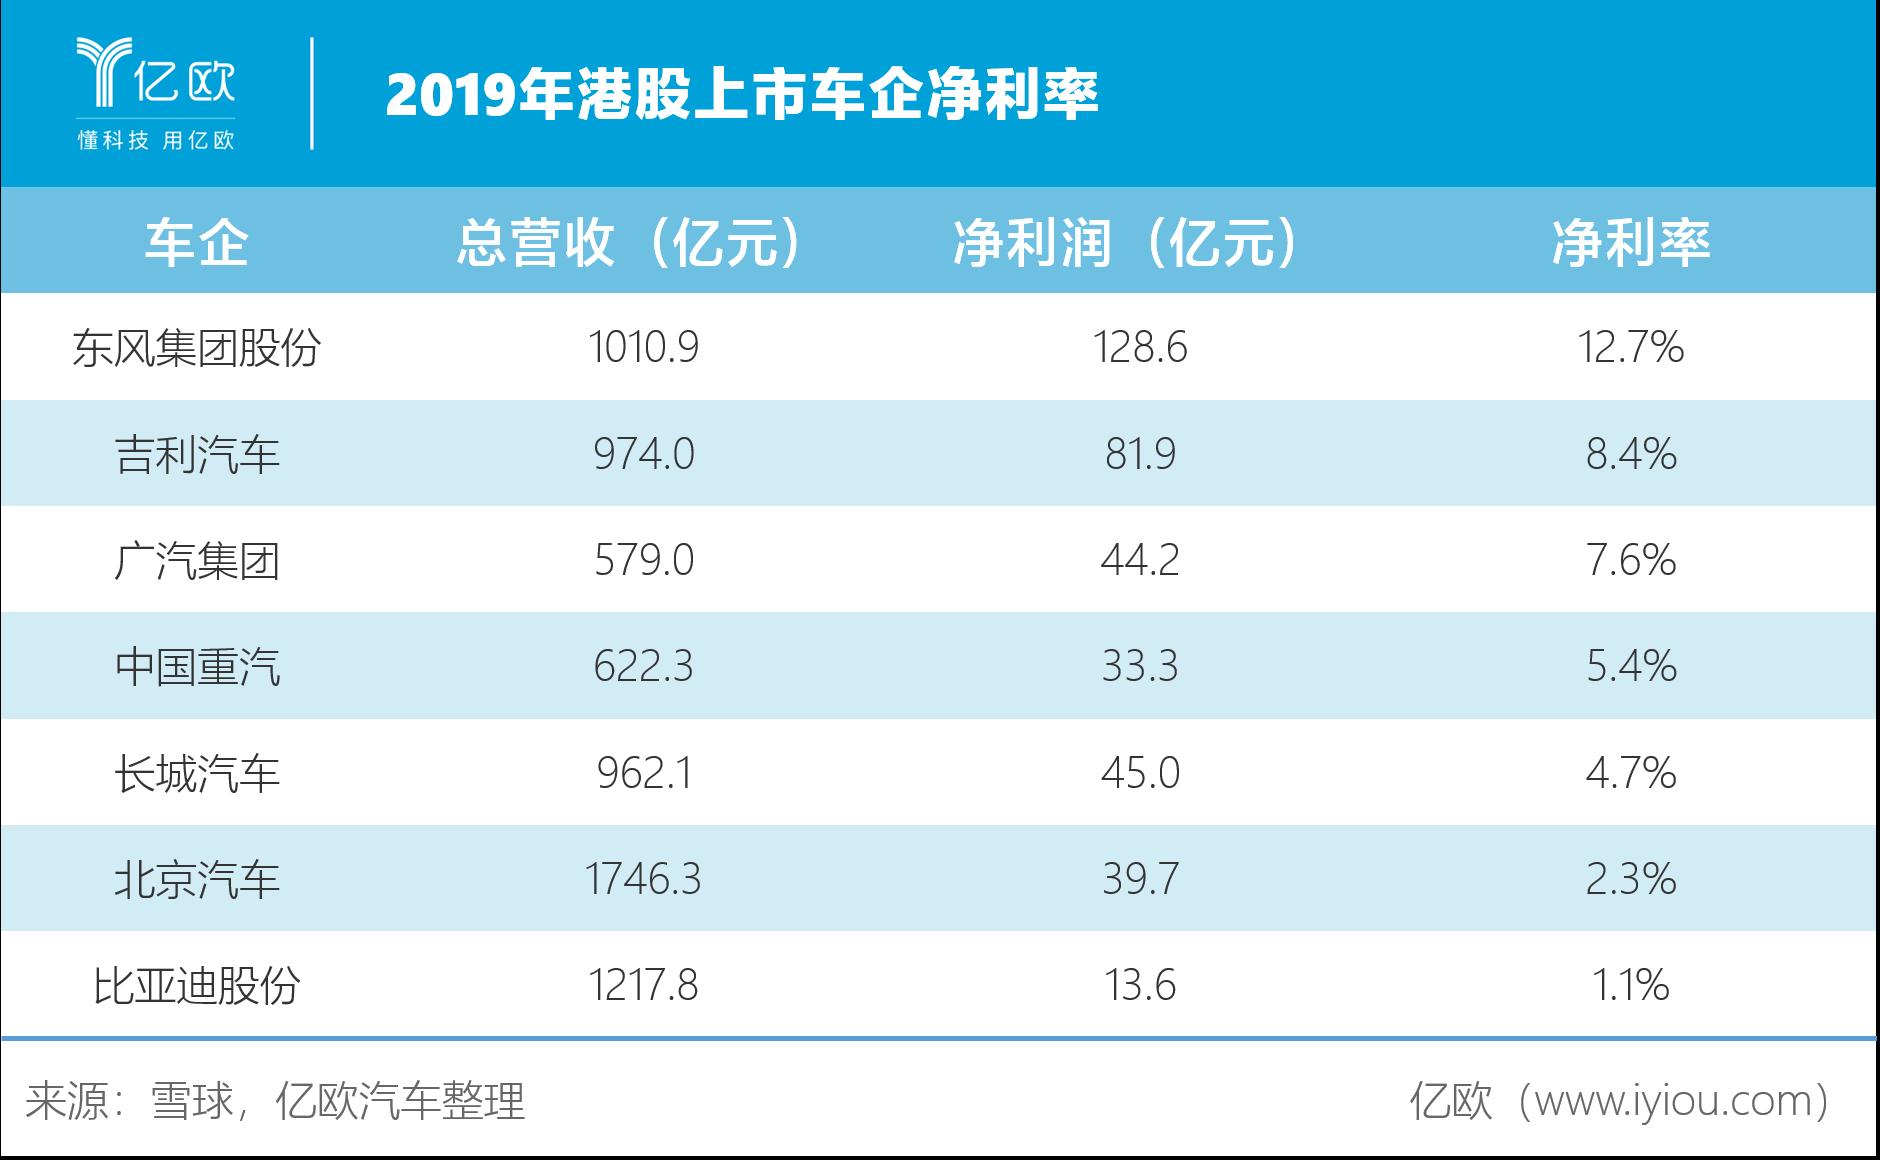 2019年港股上市车企净利率